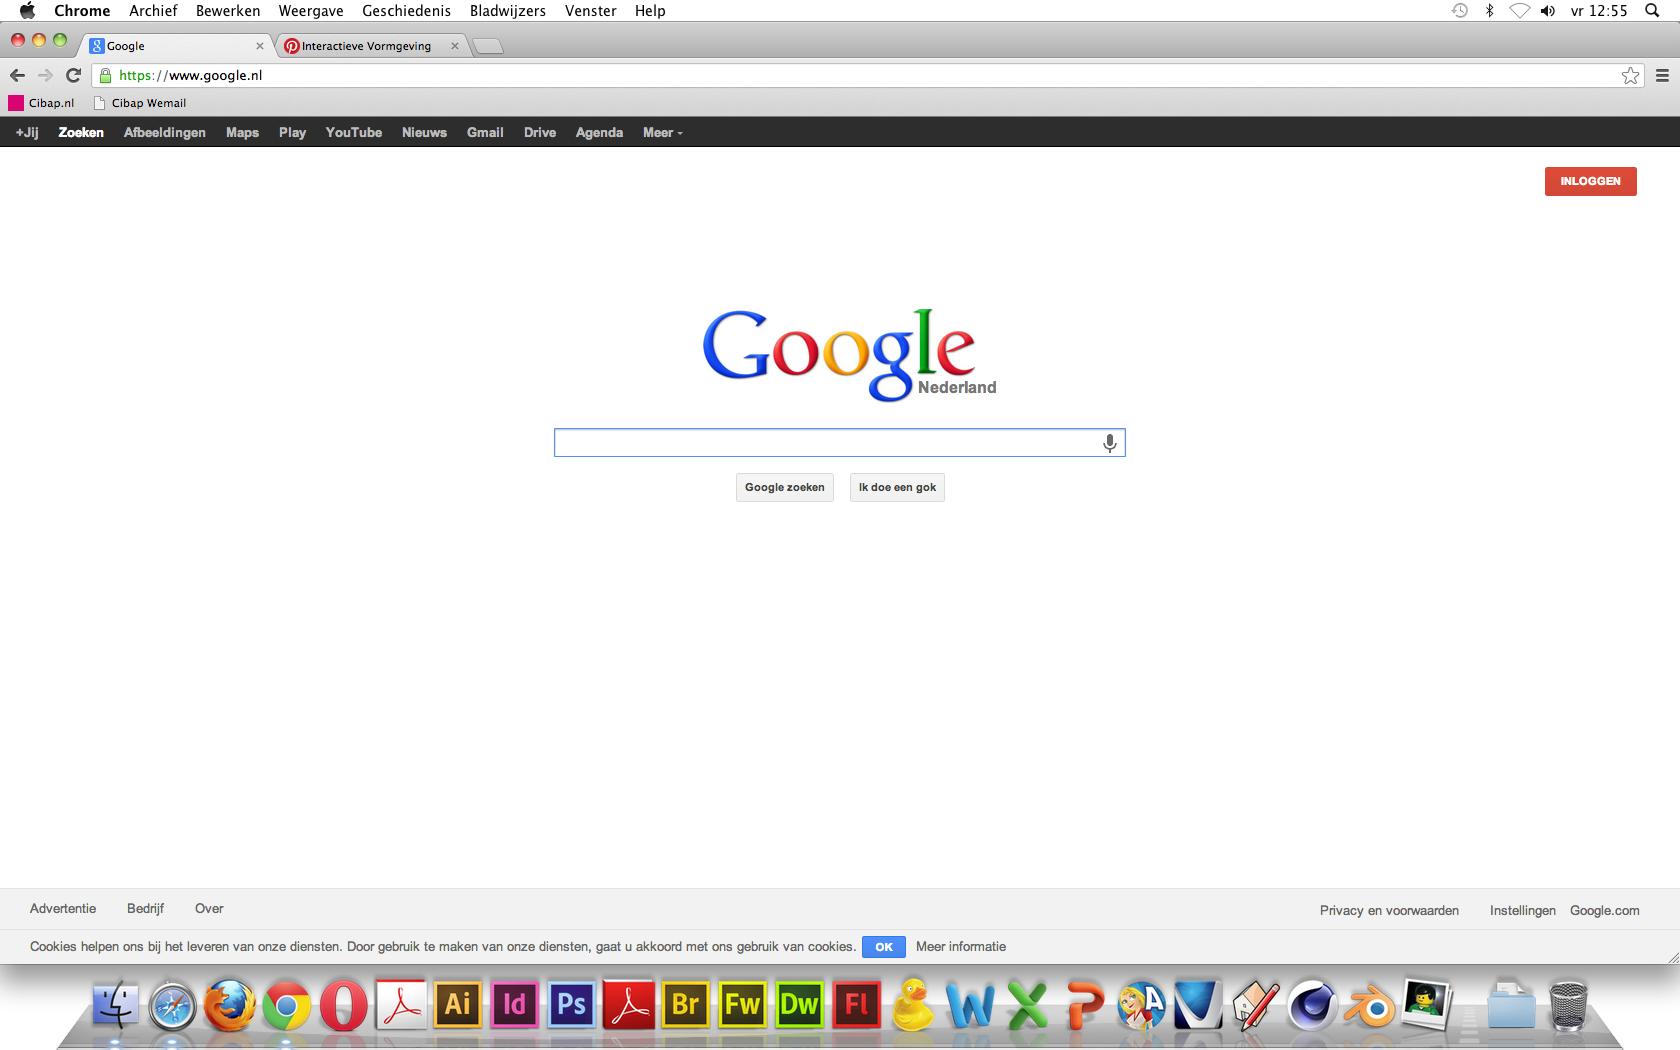 Goede website 2  Vormgeving - Heel erg strak vormgegeven, maar door de typische Google letters is het net niet saai. Navigatie - Heel goed, alles staat netjes naast elkaar in een duidelijk lettertype en duidelijke kleuren bovenaan de pagina. Informatie - Die krijg je pas als je iets in de zoekbalk typt!